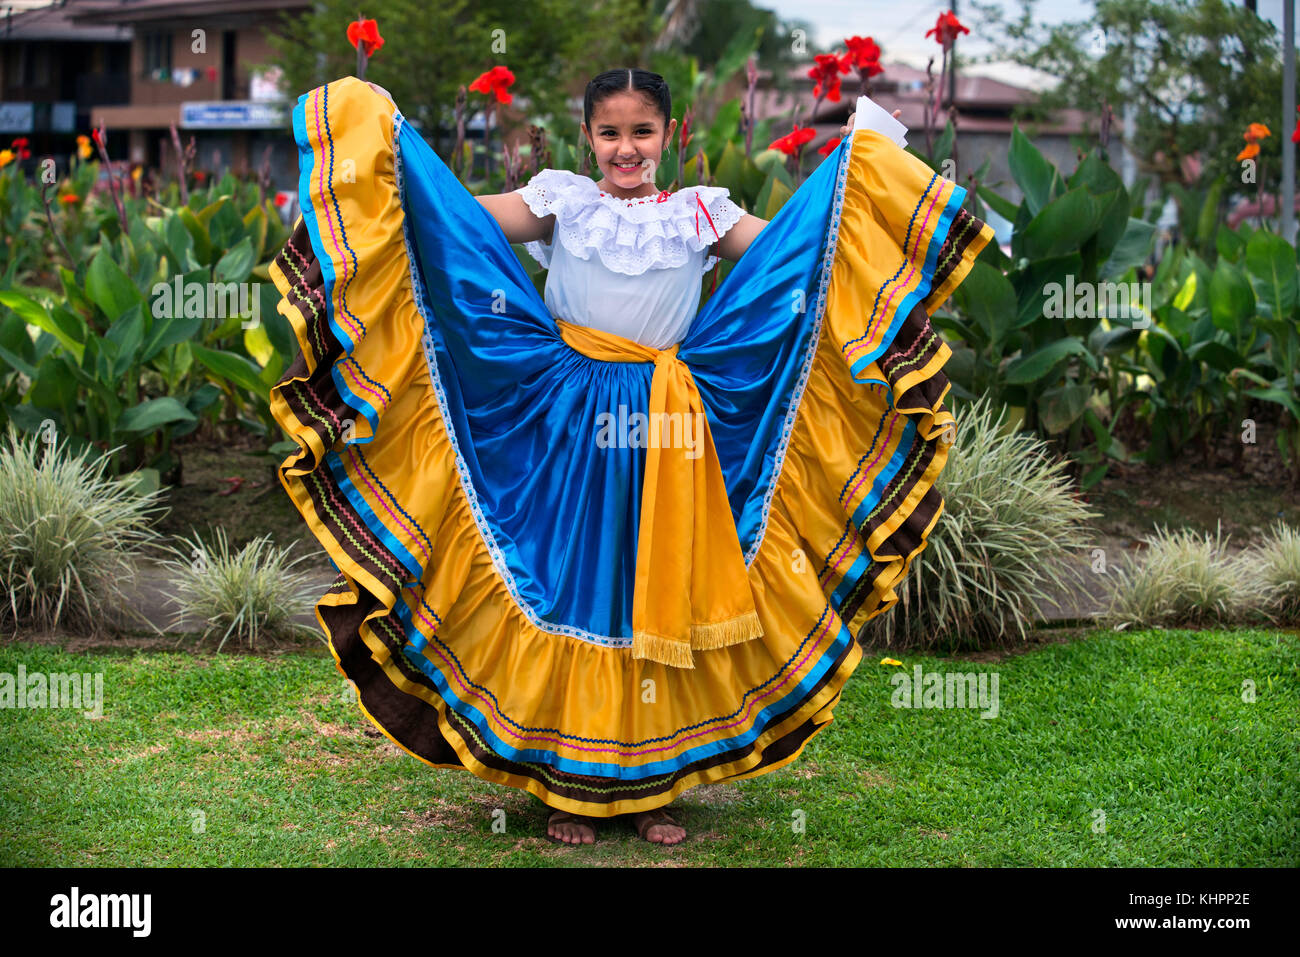 Local dances in La Fortuna village, Alajuela province, Costa Rica, Central America - Stock Image